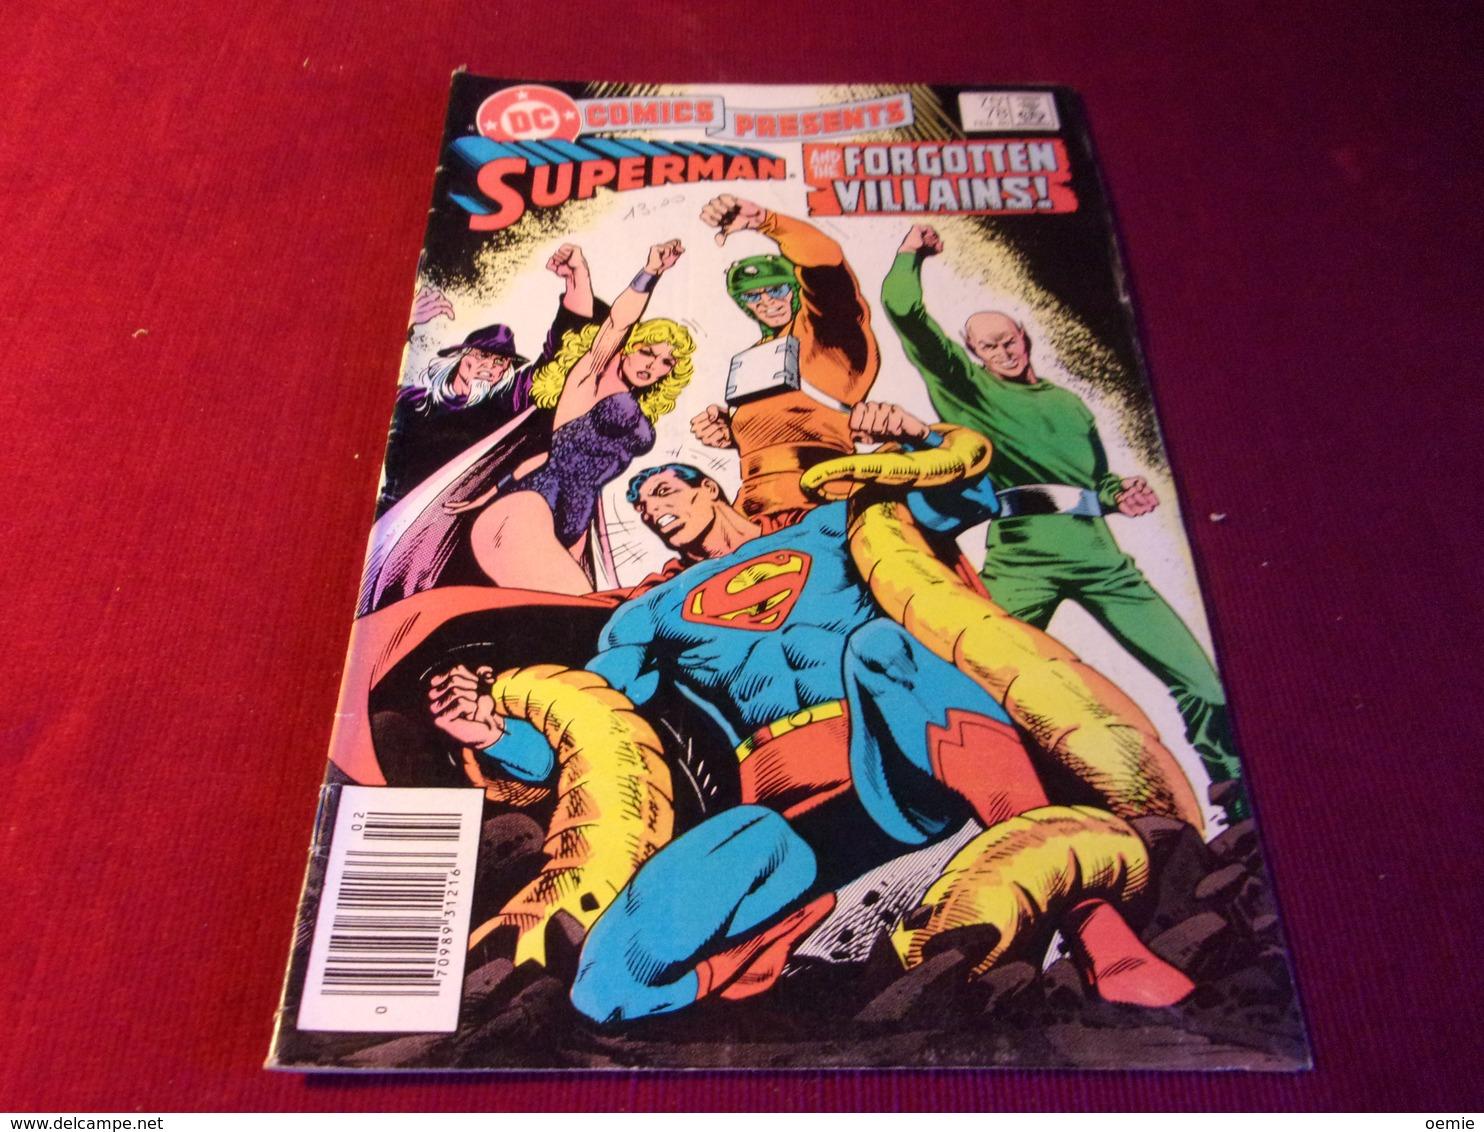 COMICS PRESENTS  SUPERMAN  AND THE FORGOTTEN VILLAINS  No 78 FEB 85 - Livres, BD, Revues